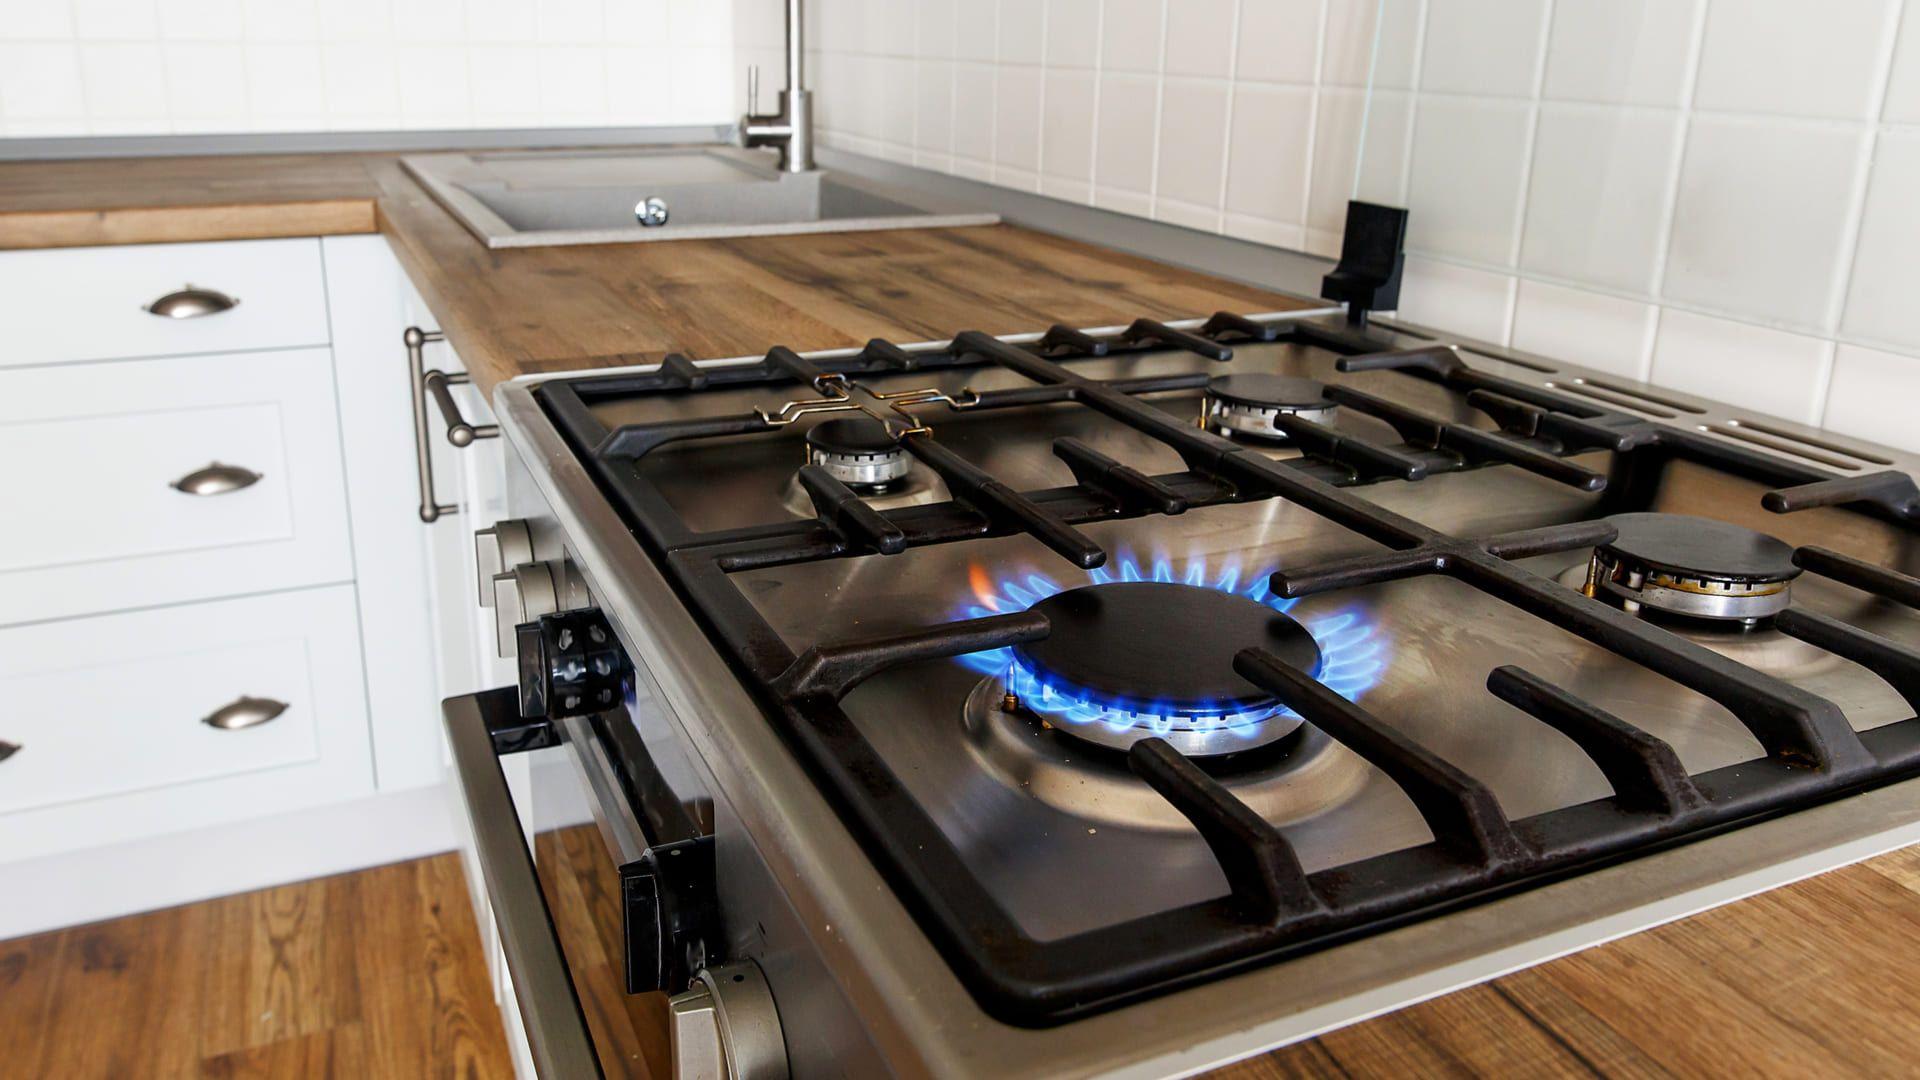 Veja o passo a passo de como desentupir o fogão à gás. (Imagem: Reprodução/Shutterstock)